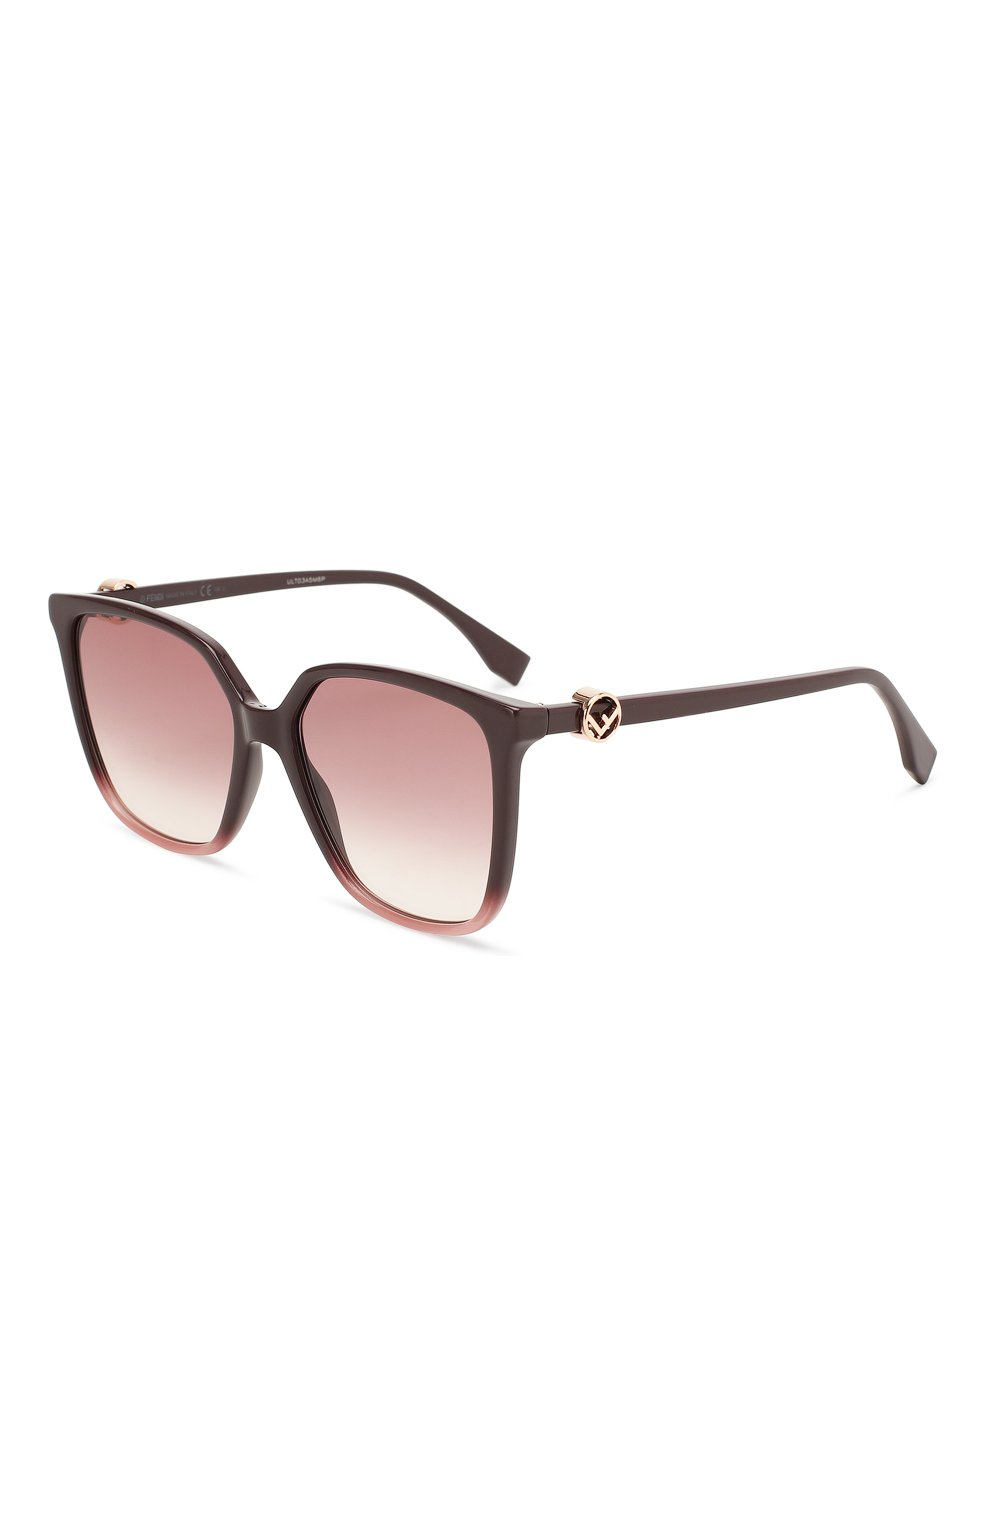 Женские солнцезащитные очки FENDI фиолетового цвета, арт. 0318 8CQ   Фото 1